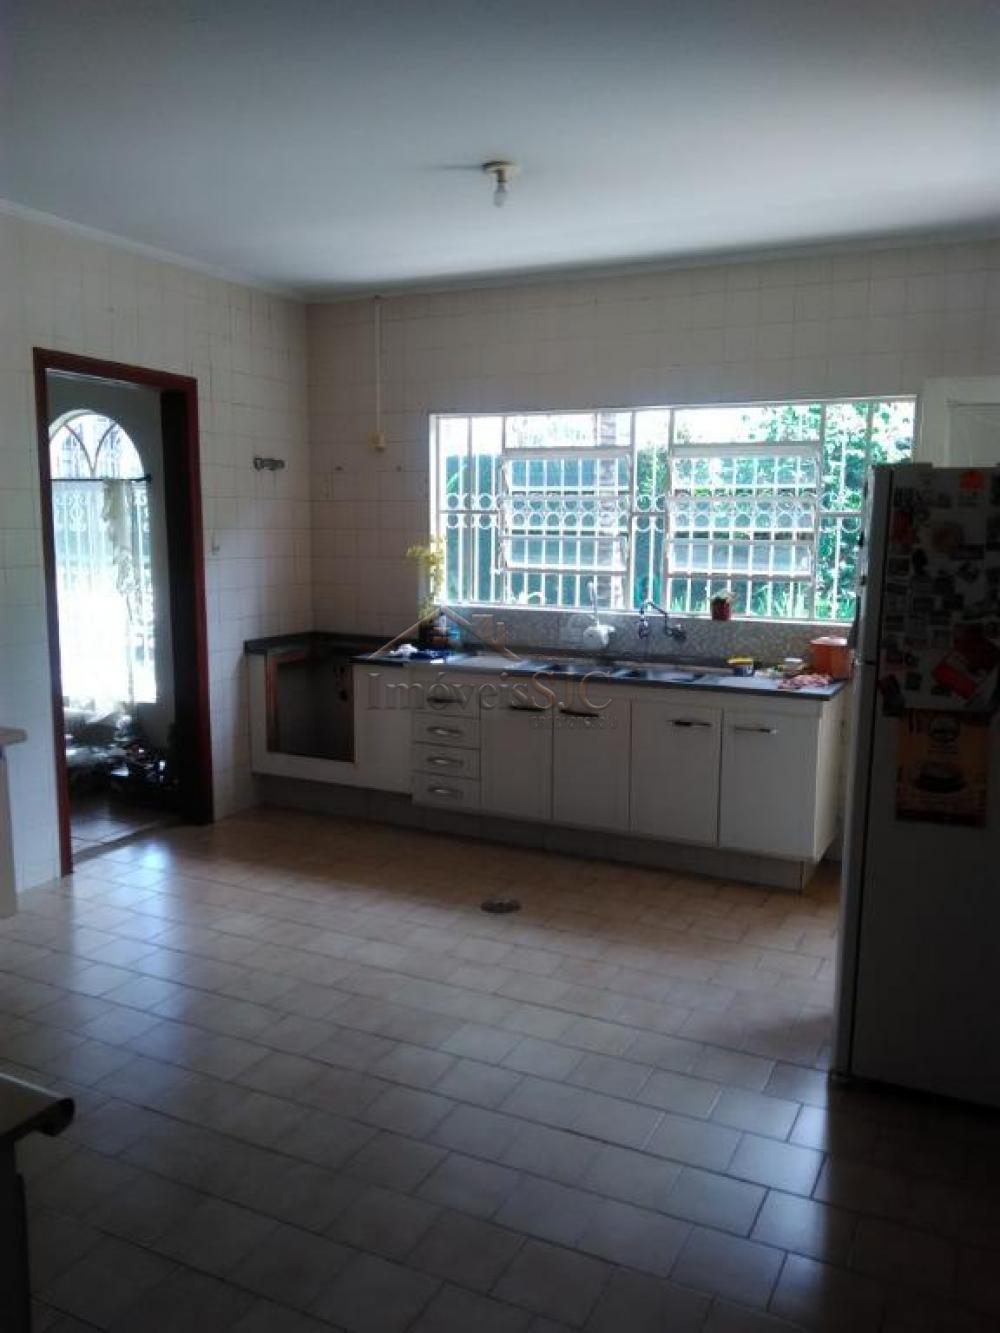 Alugar Casas / Padrão em São José dos Campos apenas R$ 10.000,00 - Foto 9